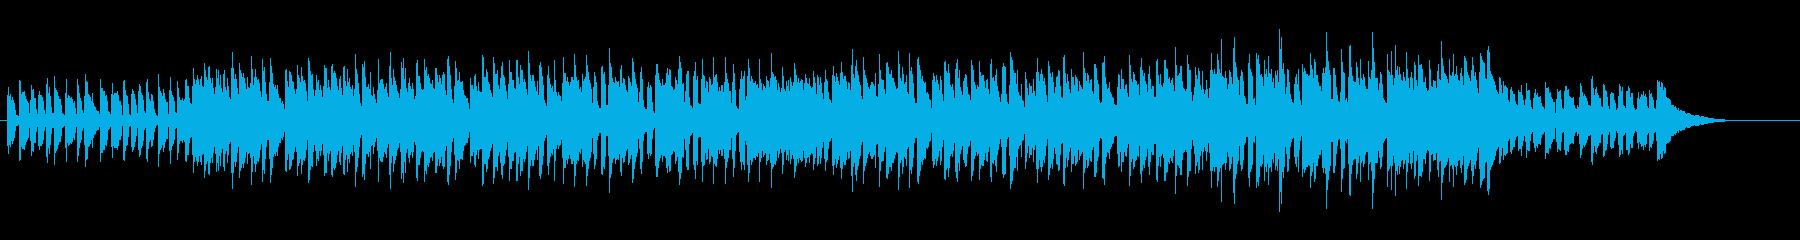 ソフトな音色のスイート・ポップの再生済みの波形